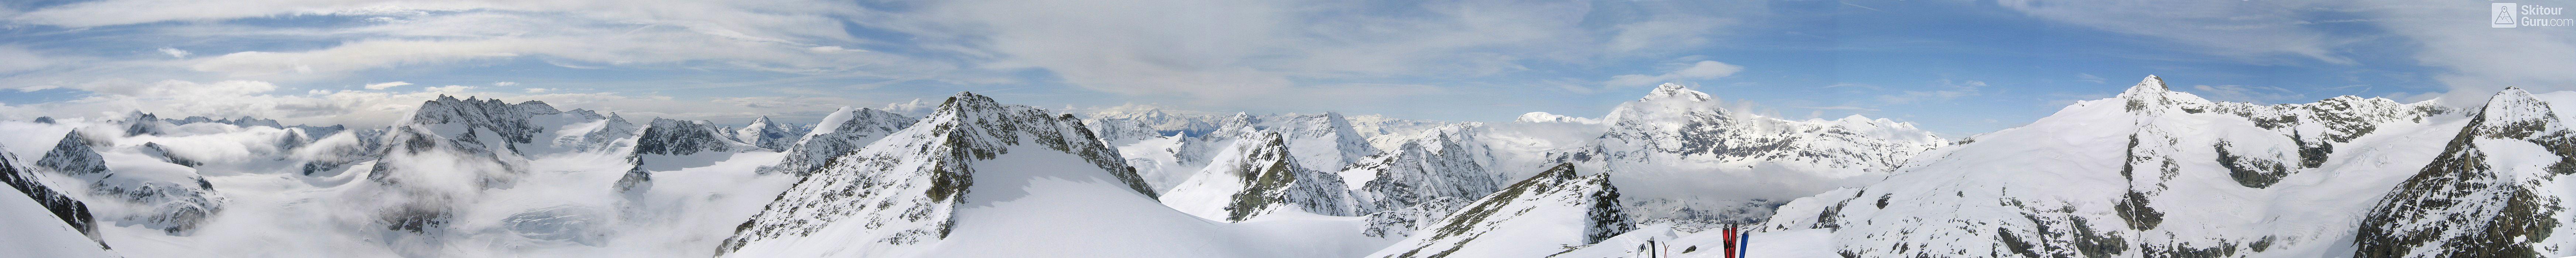 La Ruinette Walliser Alpen / Alpes valaisannes Switzerland panorama 06